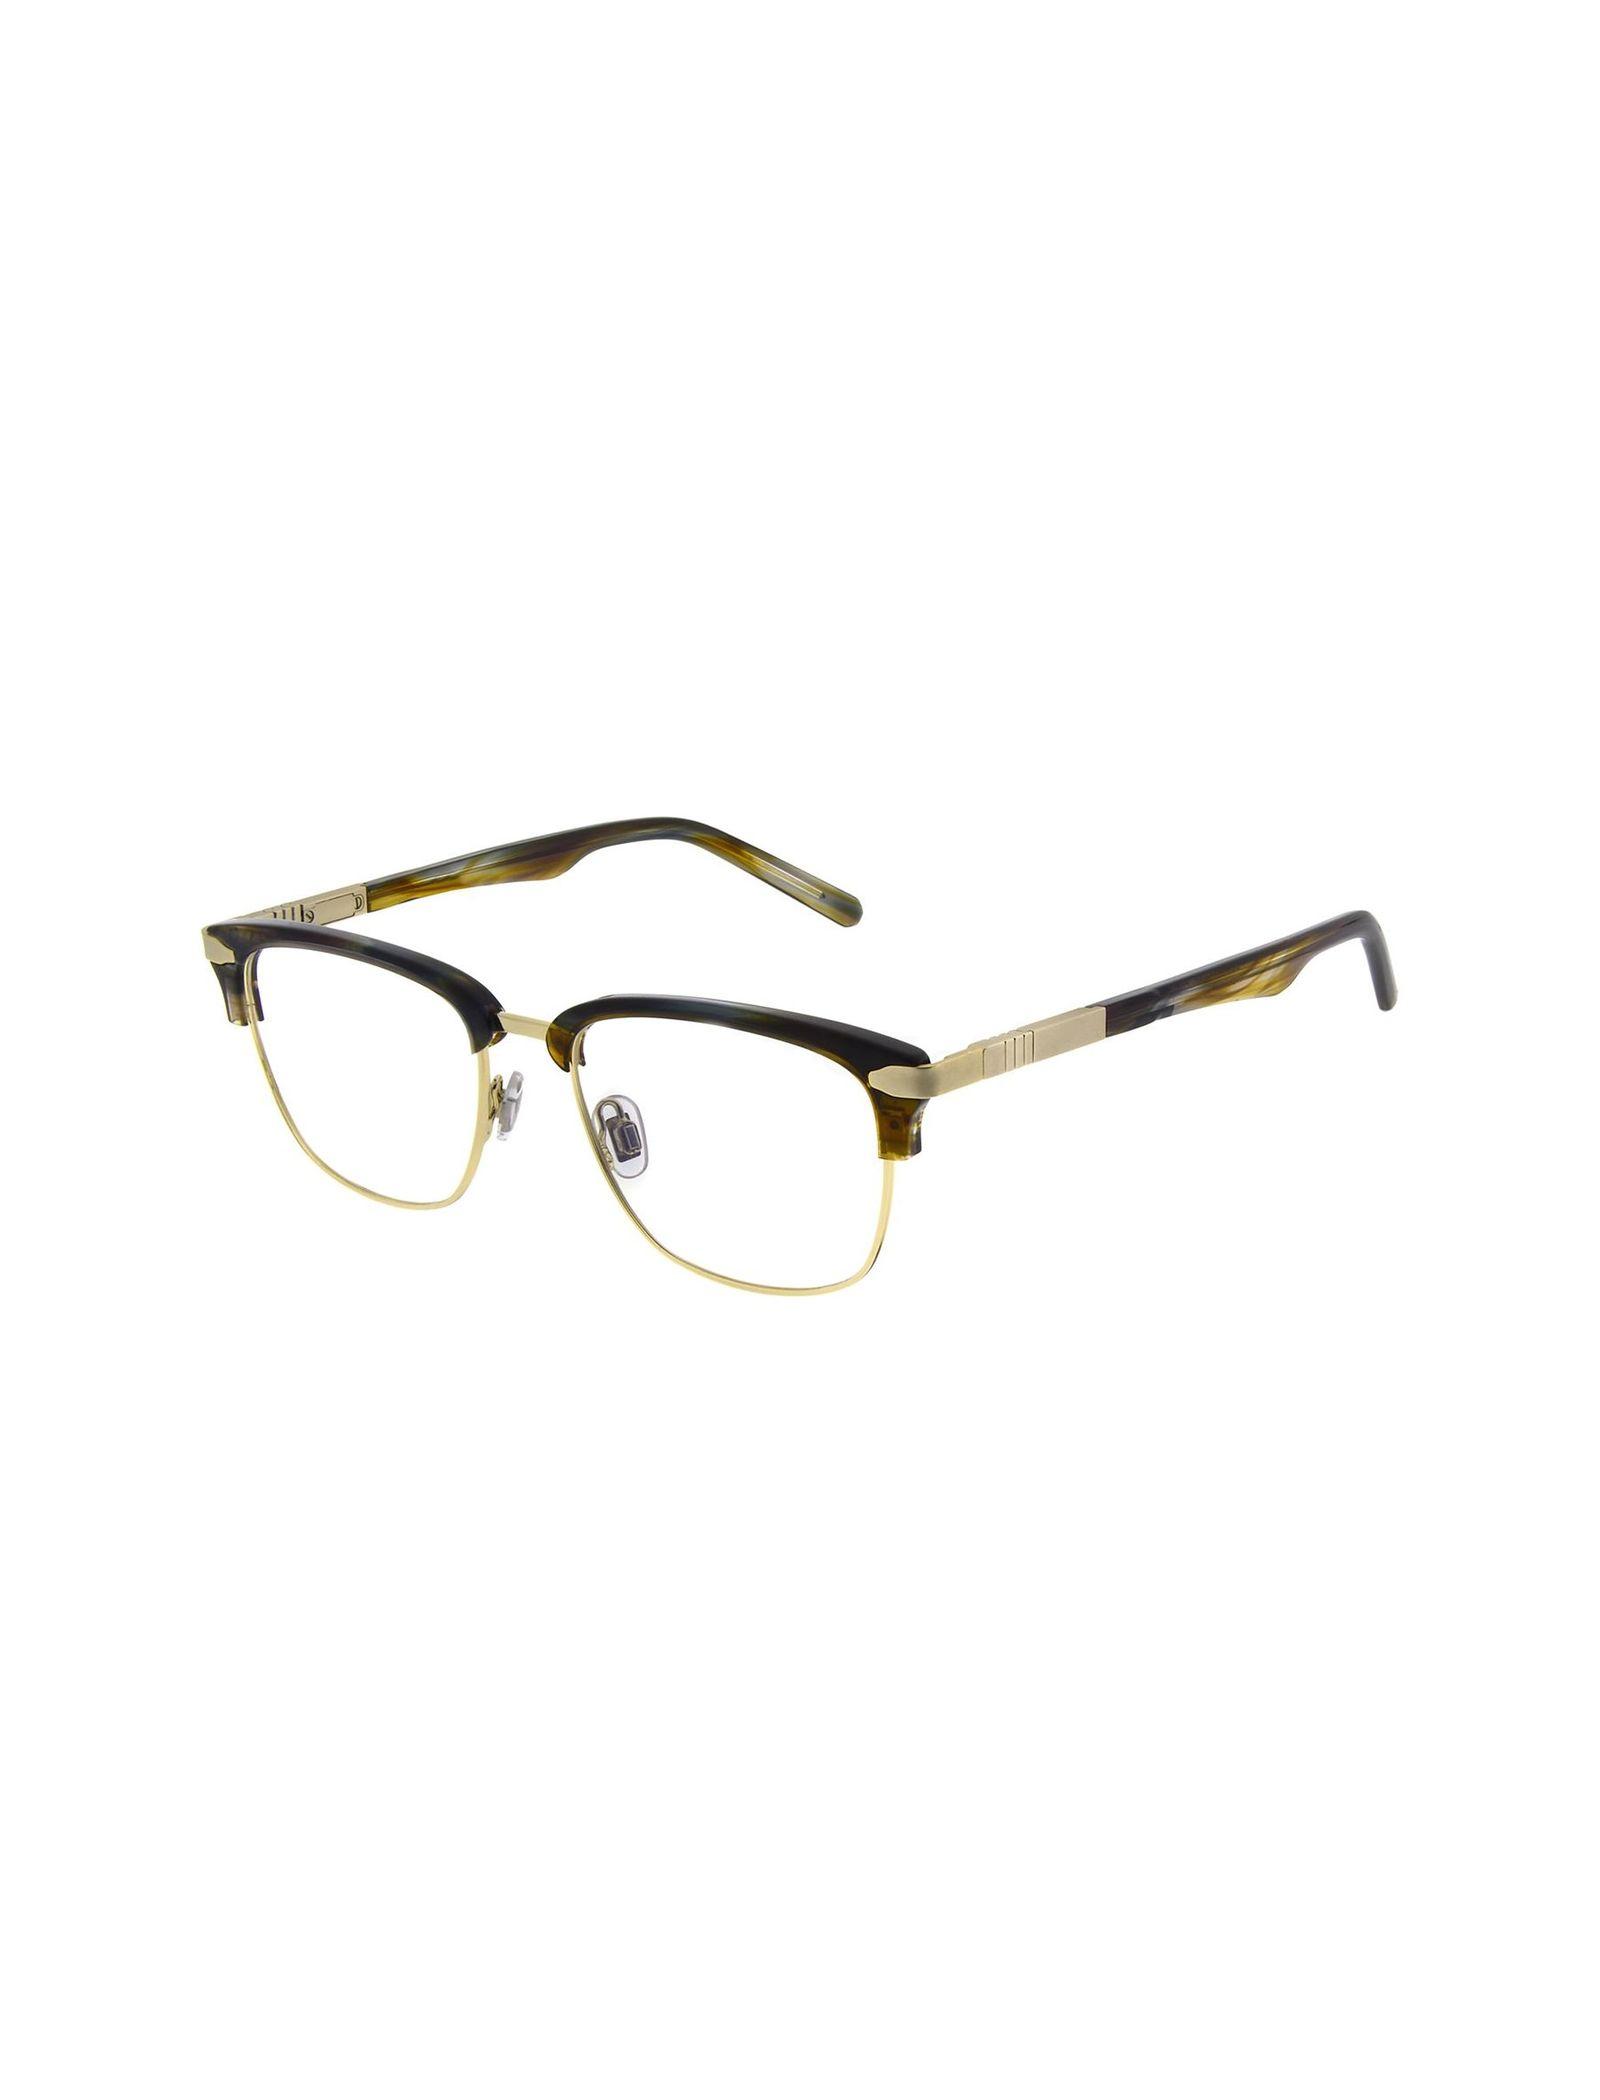 عینک طبی کلاب مستر مردانه - اسپاین - قهوه اي - 1